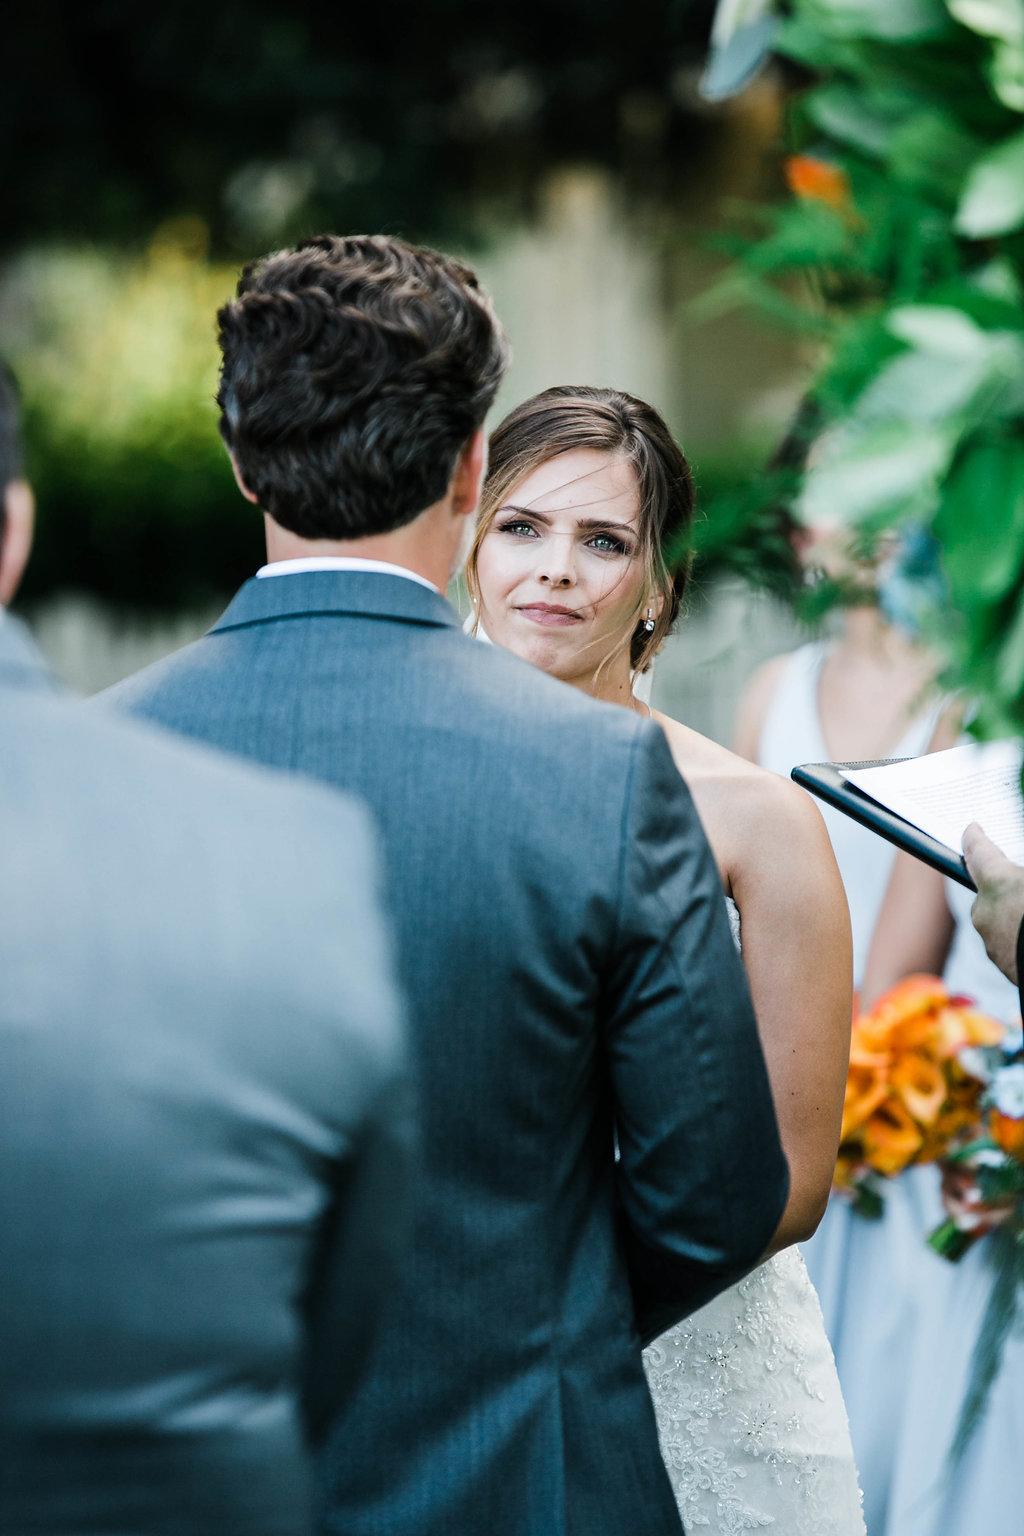 Erin+Tyson_The_Kelley_Farm_Wedding_by_Adina_Preston_Weddings_621.JPG